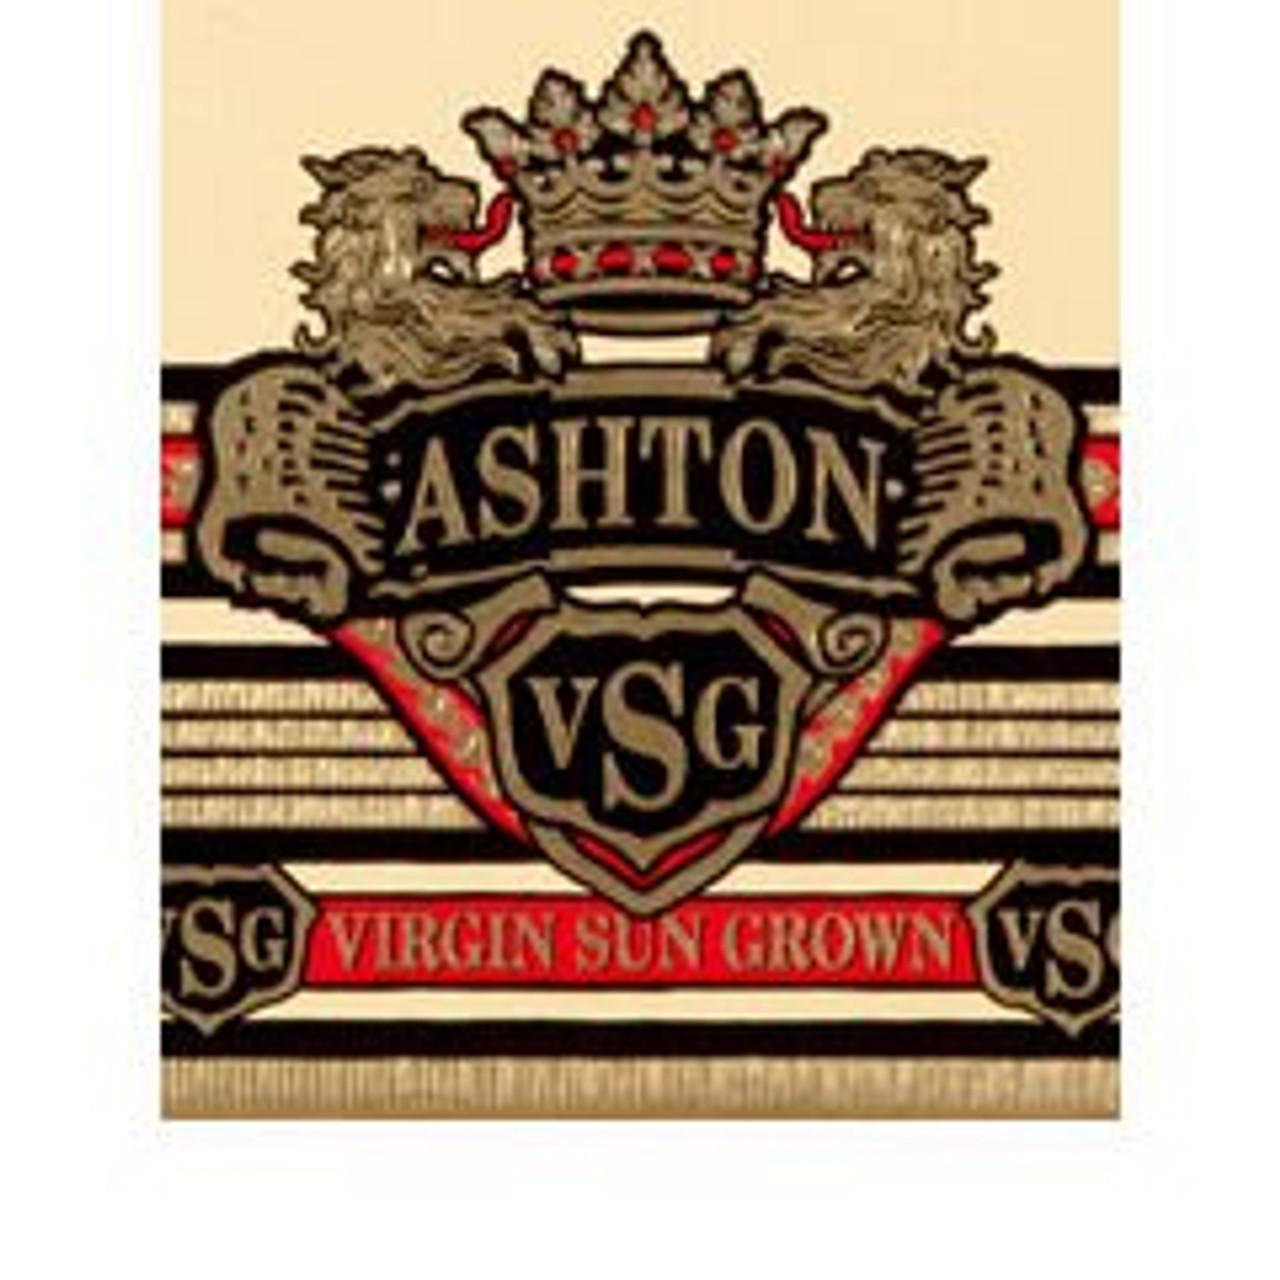 Ashton VSG Pegasus Cigars - 5.0 x 54 (Box of 24)